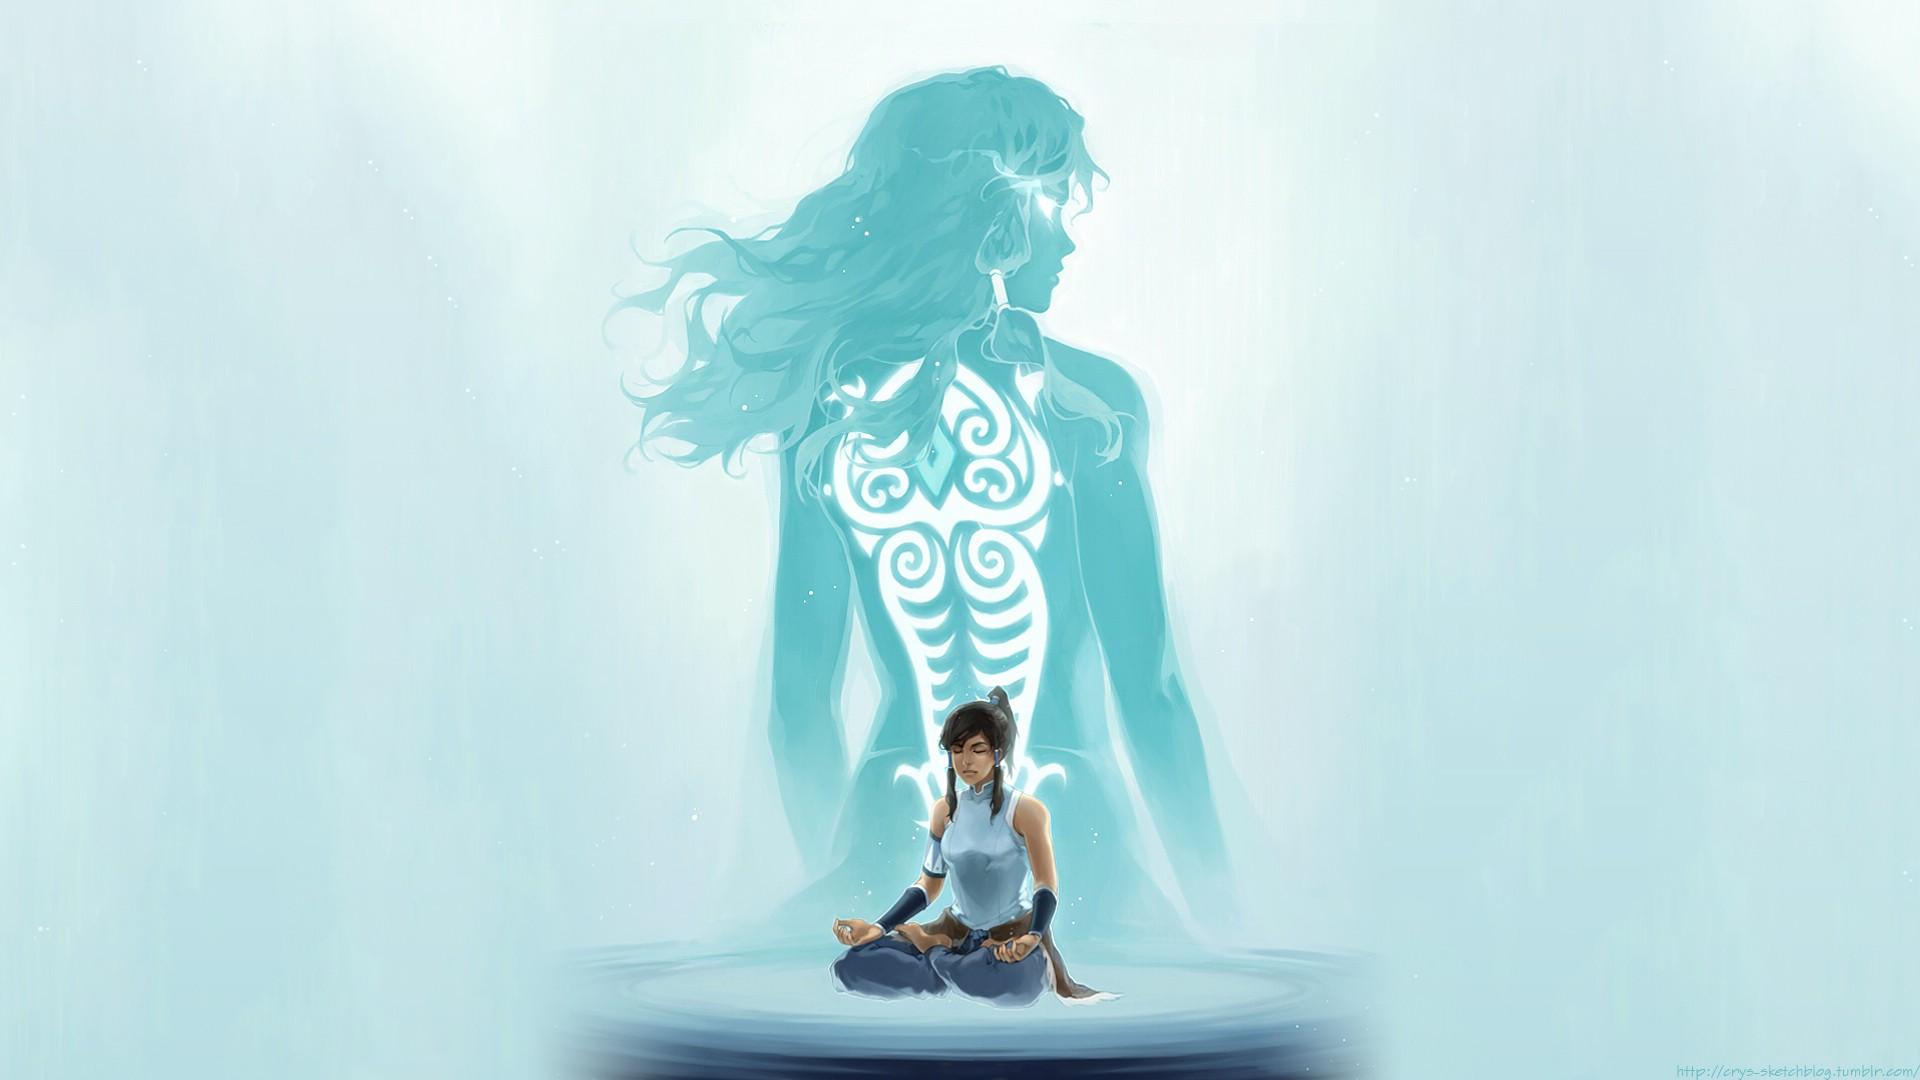 Avatar D Wallpaper Women Nature Landscape The Legend Of Korra Wallpapers